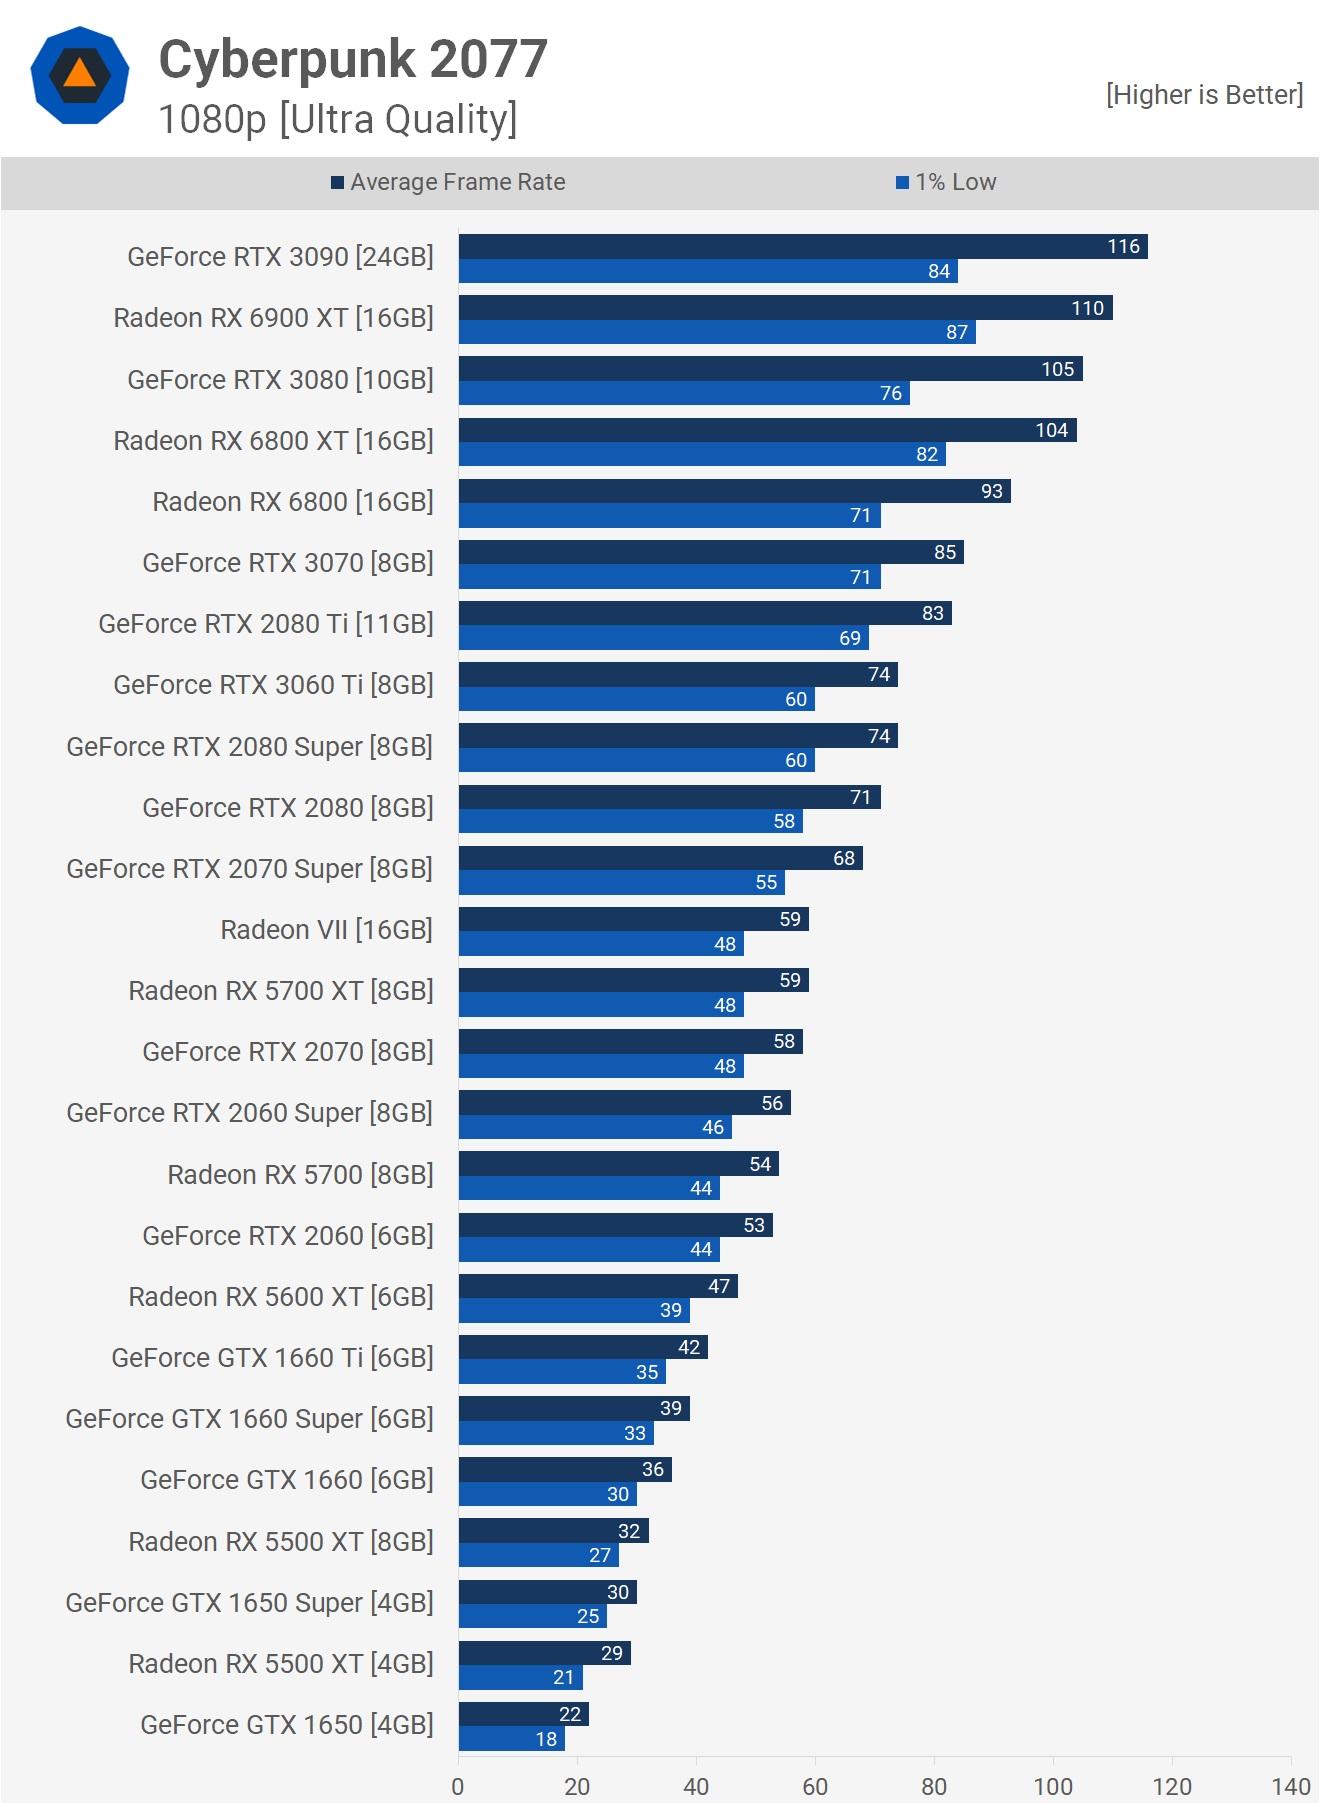 Результаты на 1080p и настройках Ультра